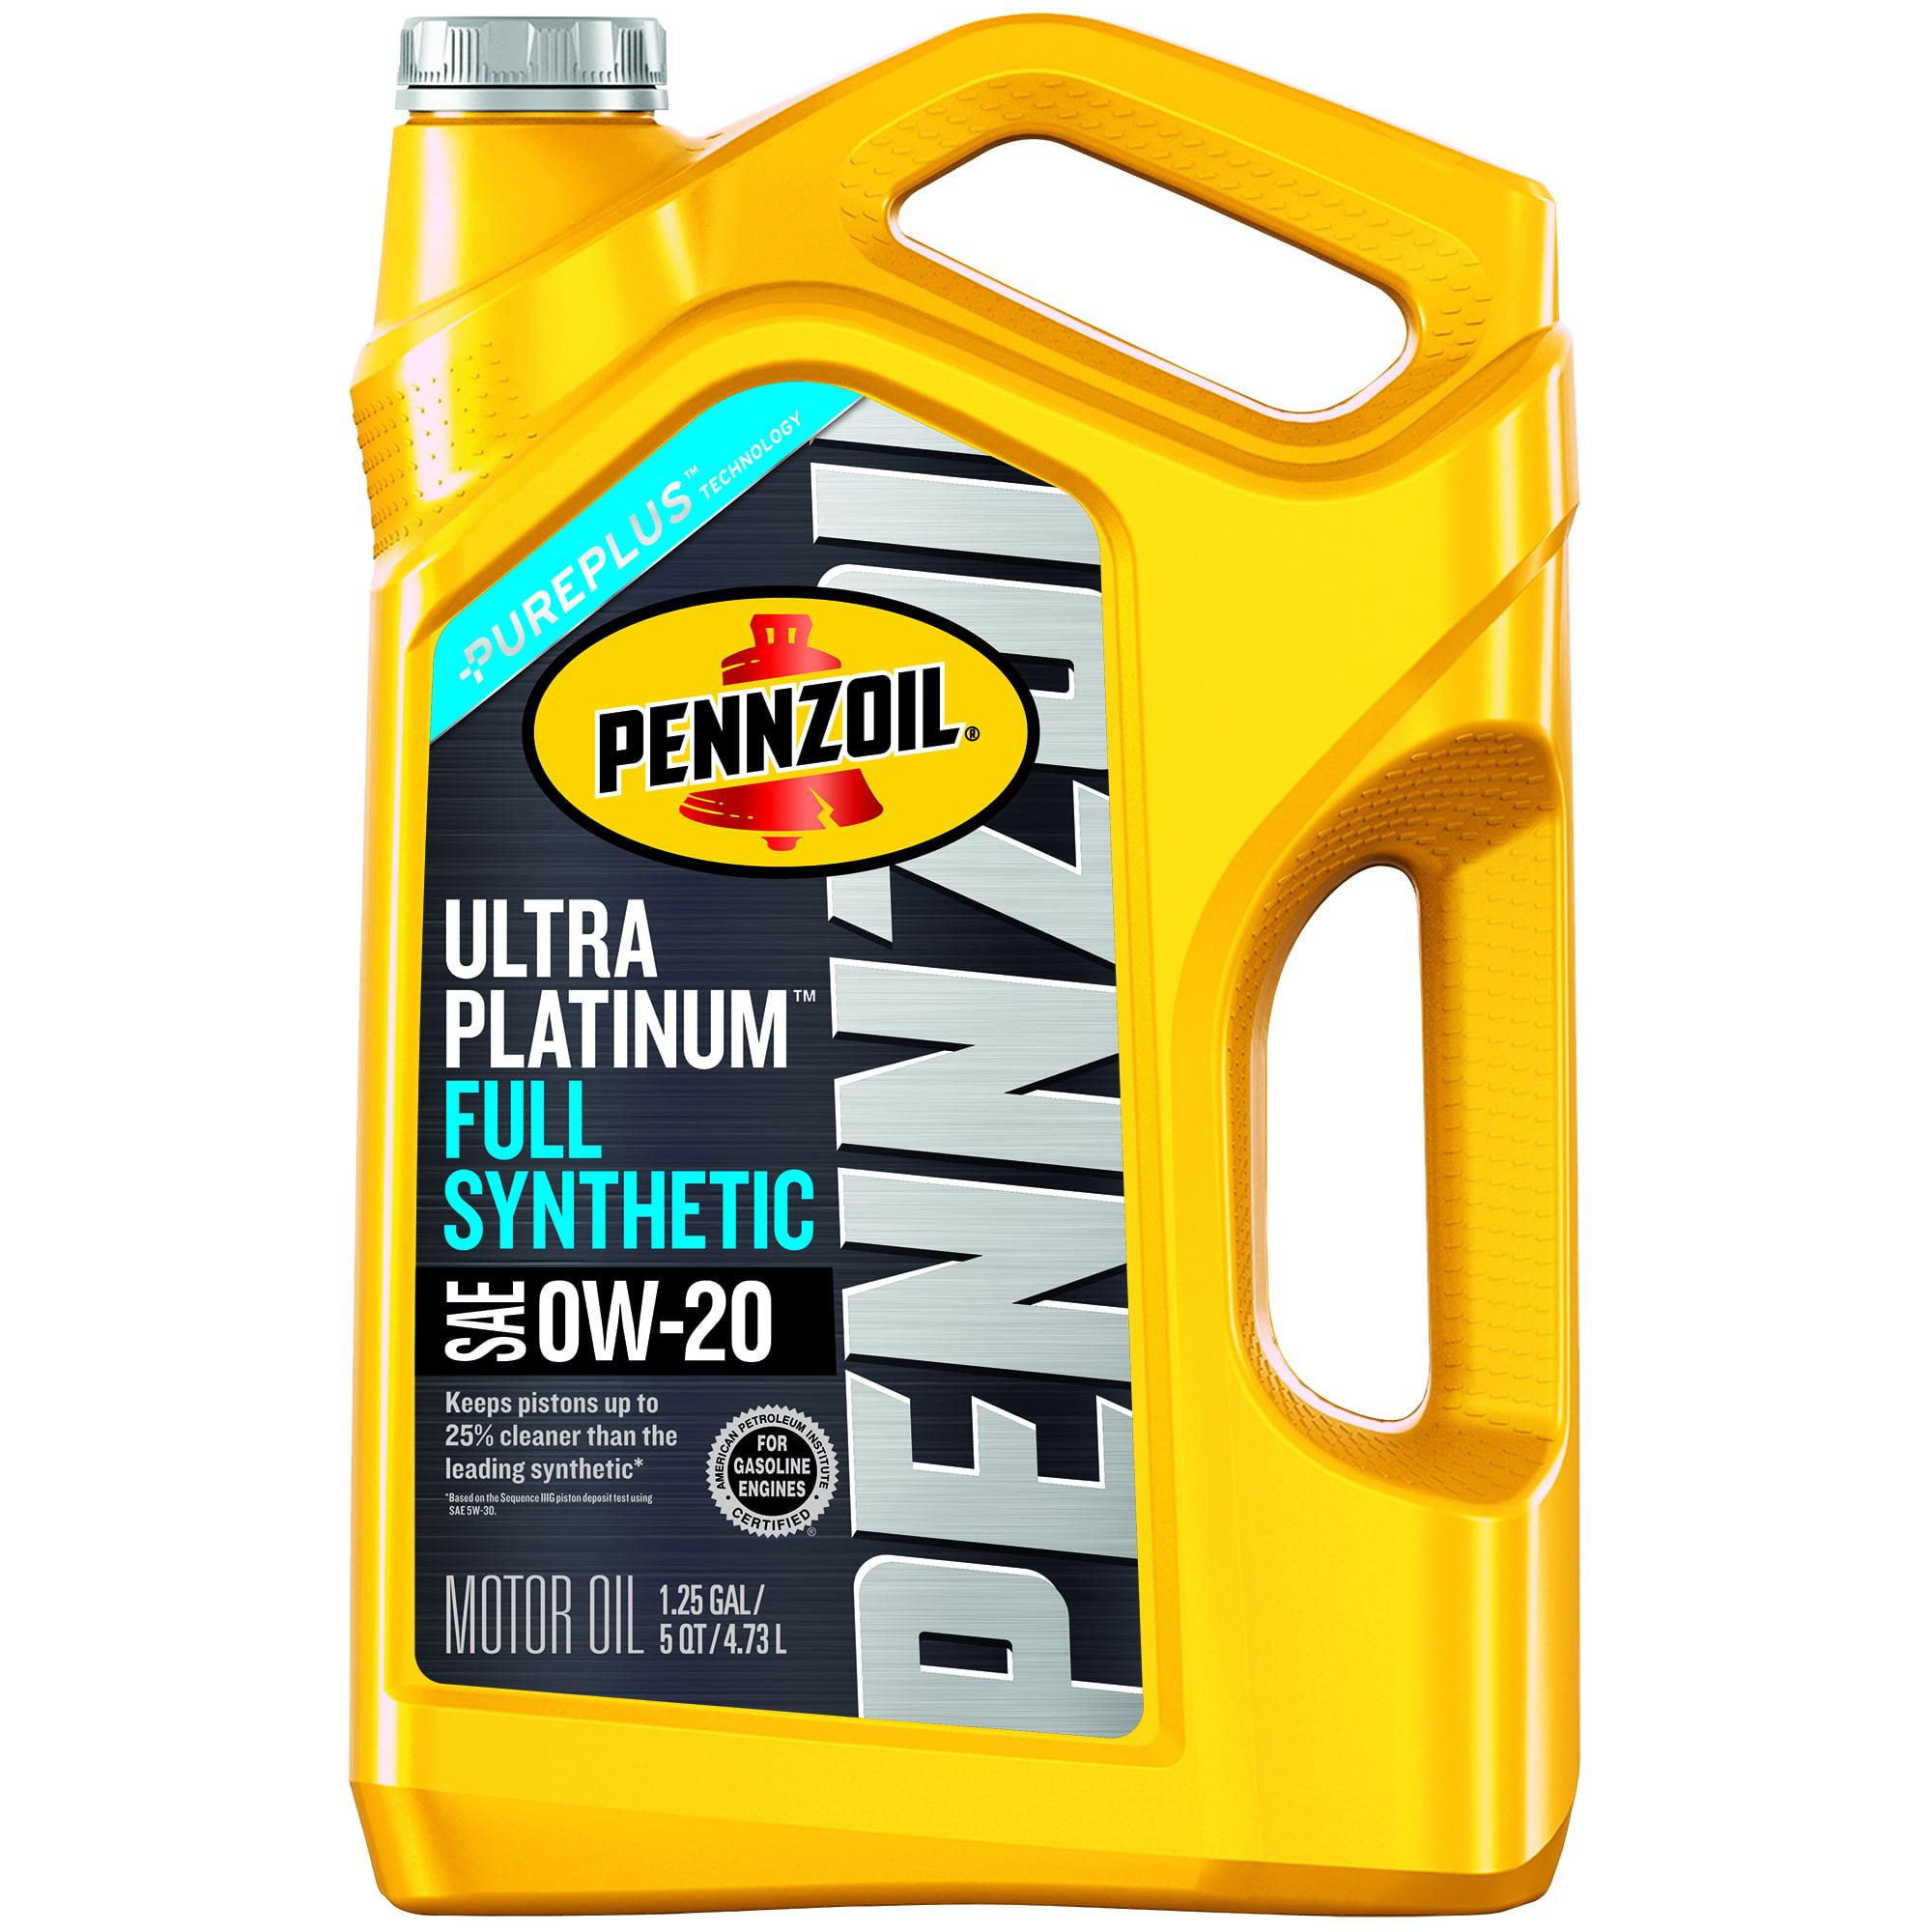 Pennzoil Ultra Platinum 0W-20 SN Motor Oil ,5 Quart